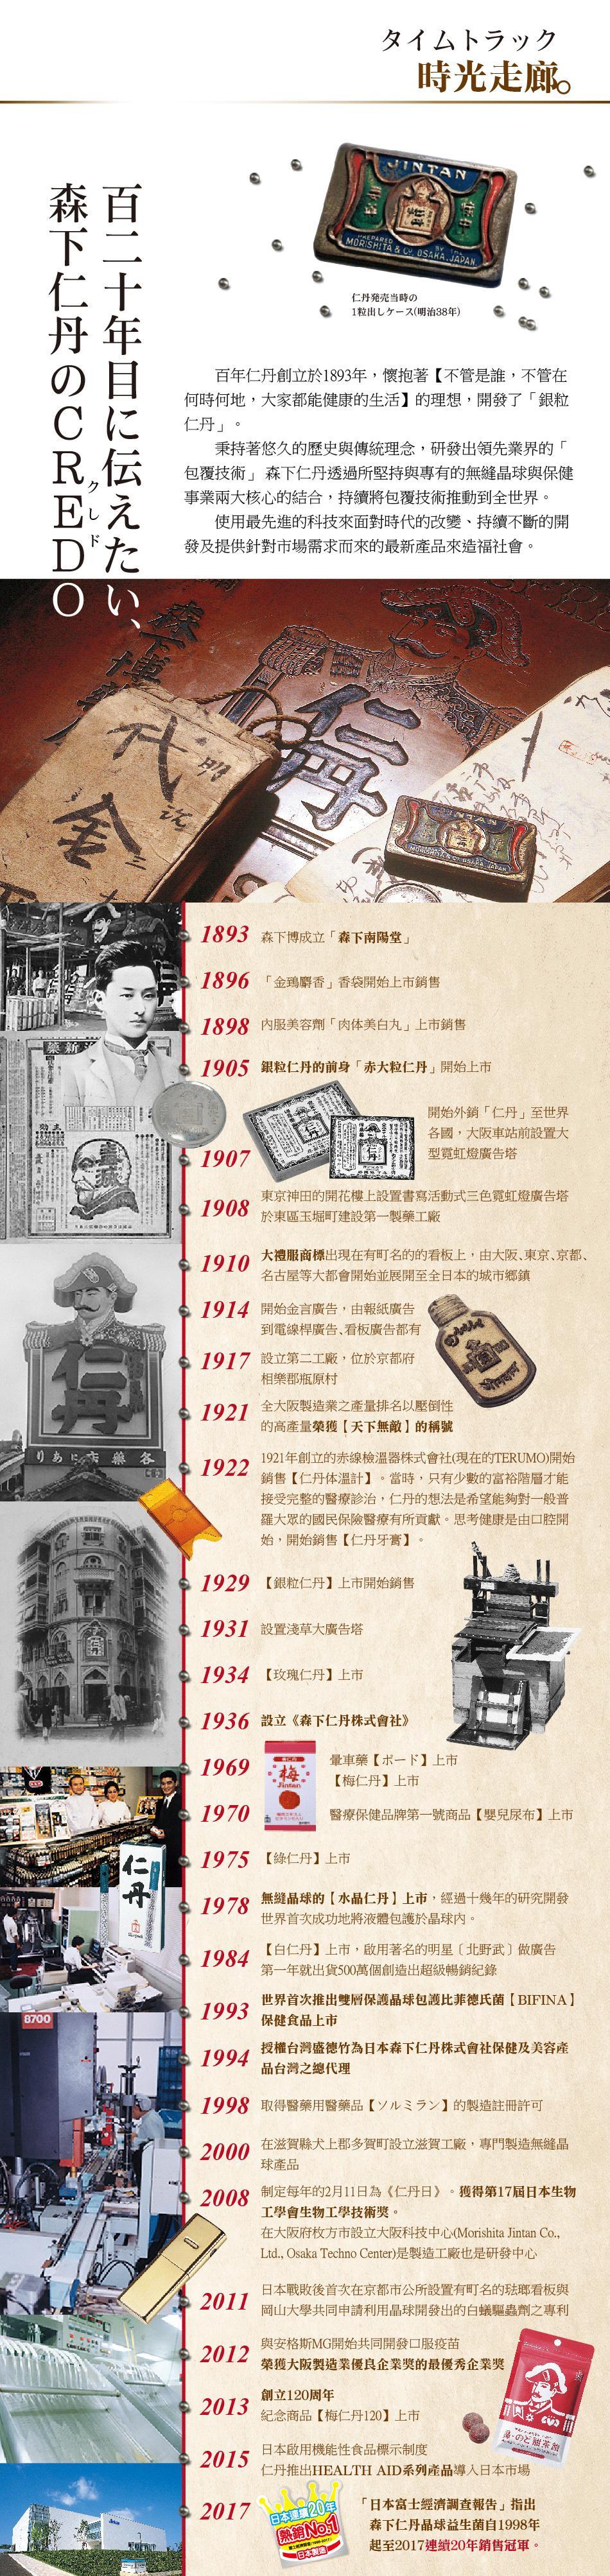 日本森下仁丹品牌歷史